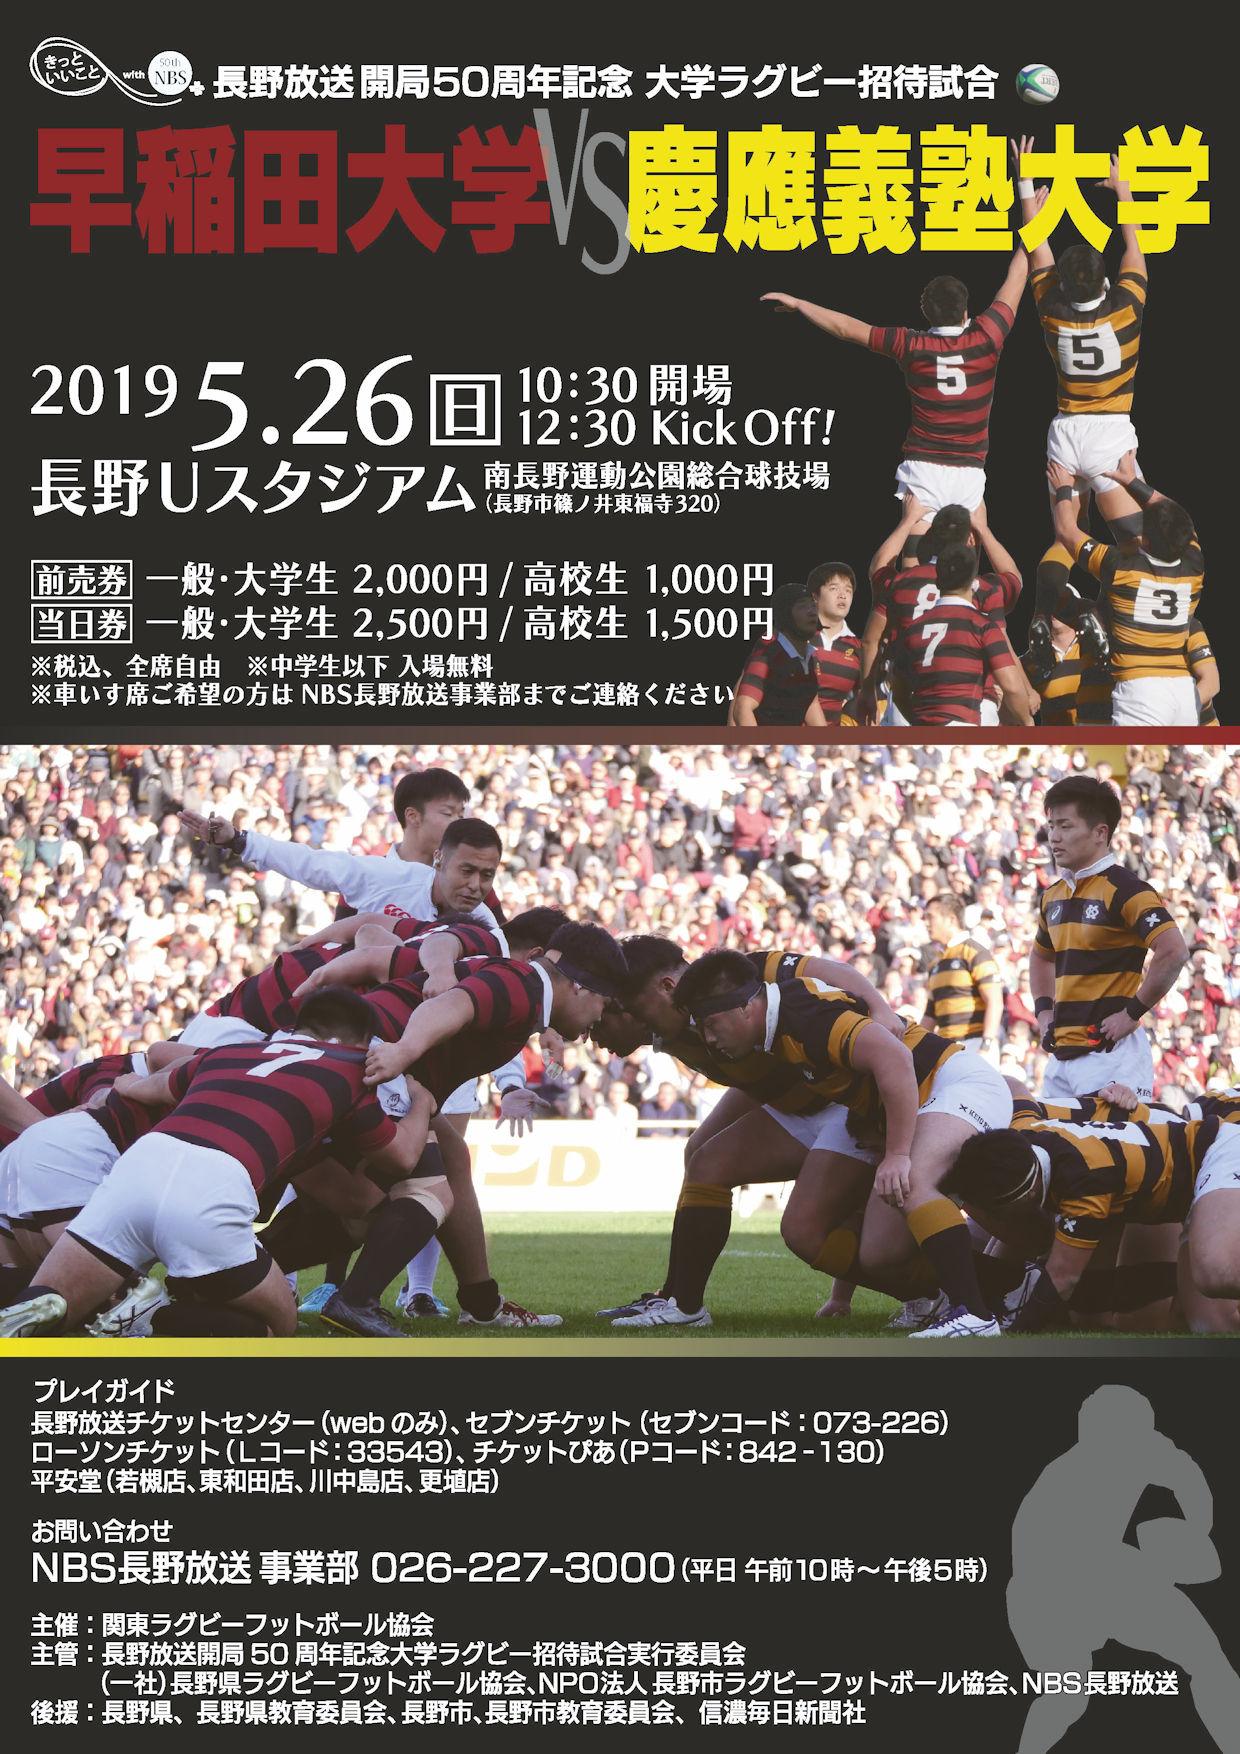 20190526早稲田vs慶應義塾s.jpg